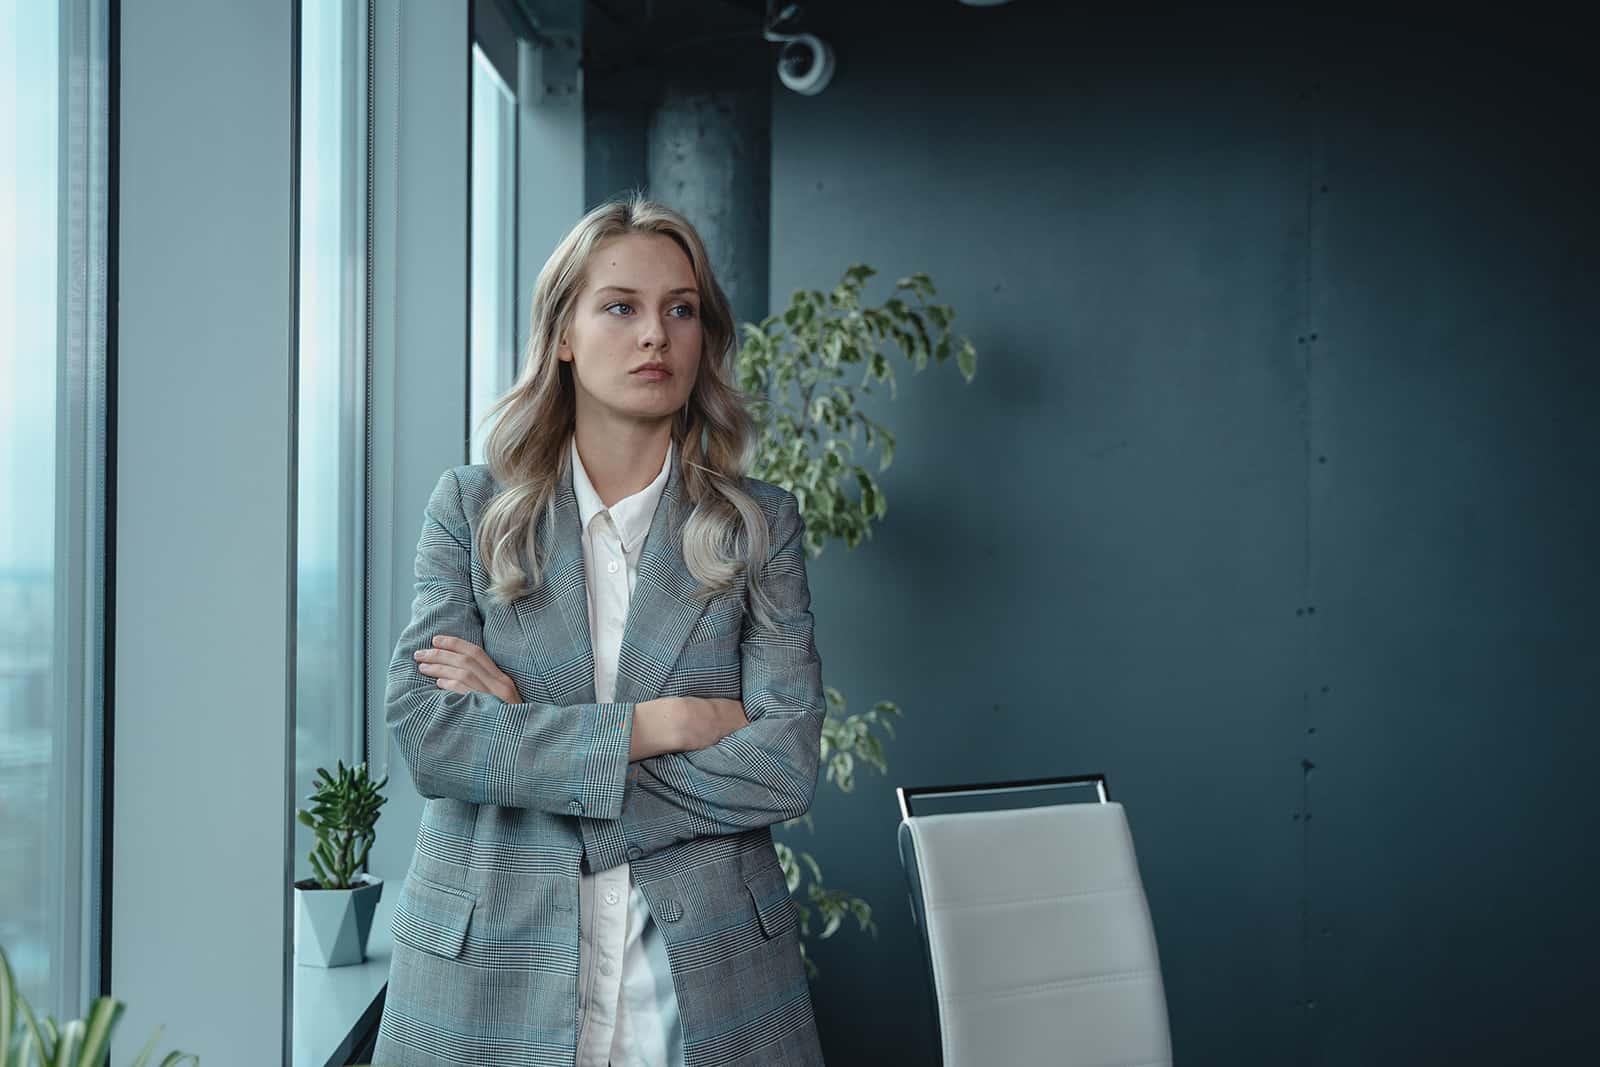 une femme de mauvaise humeur avec les bras croisés debout dans le bureau